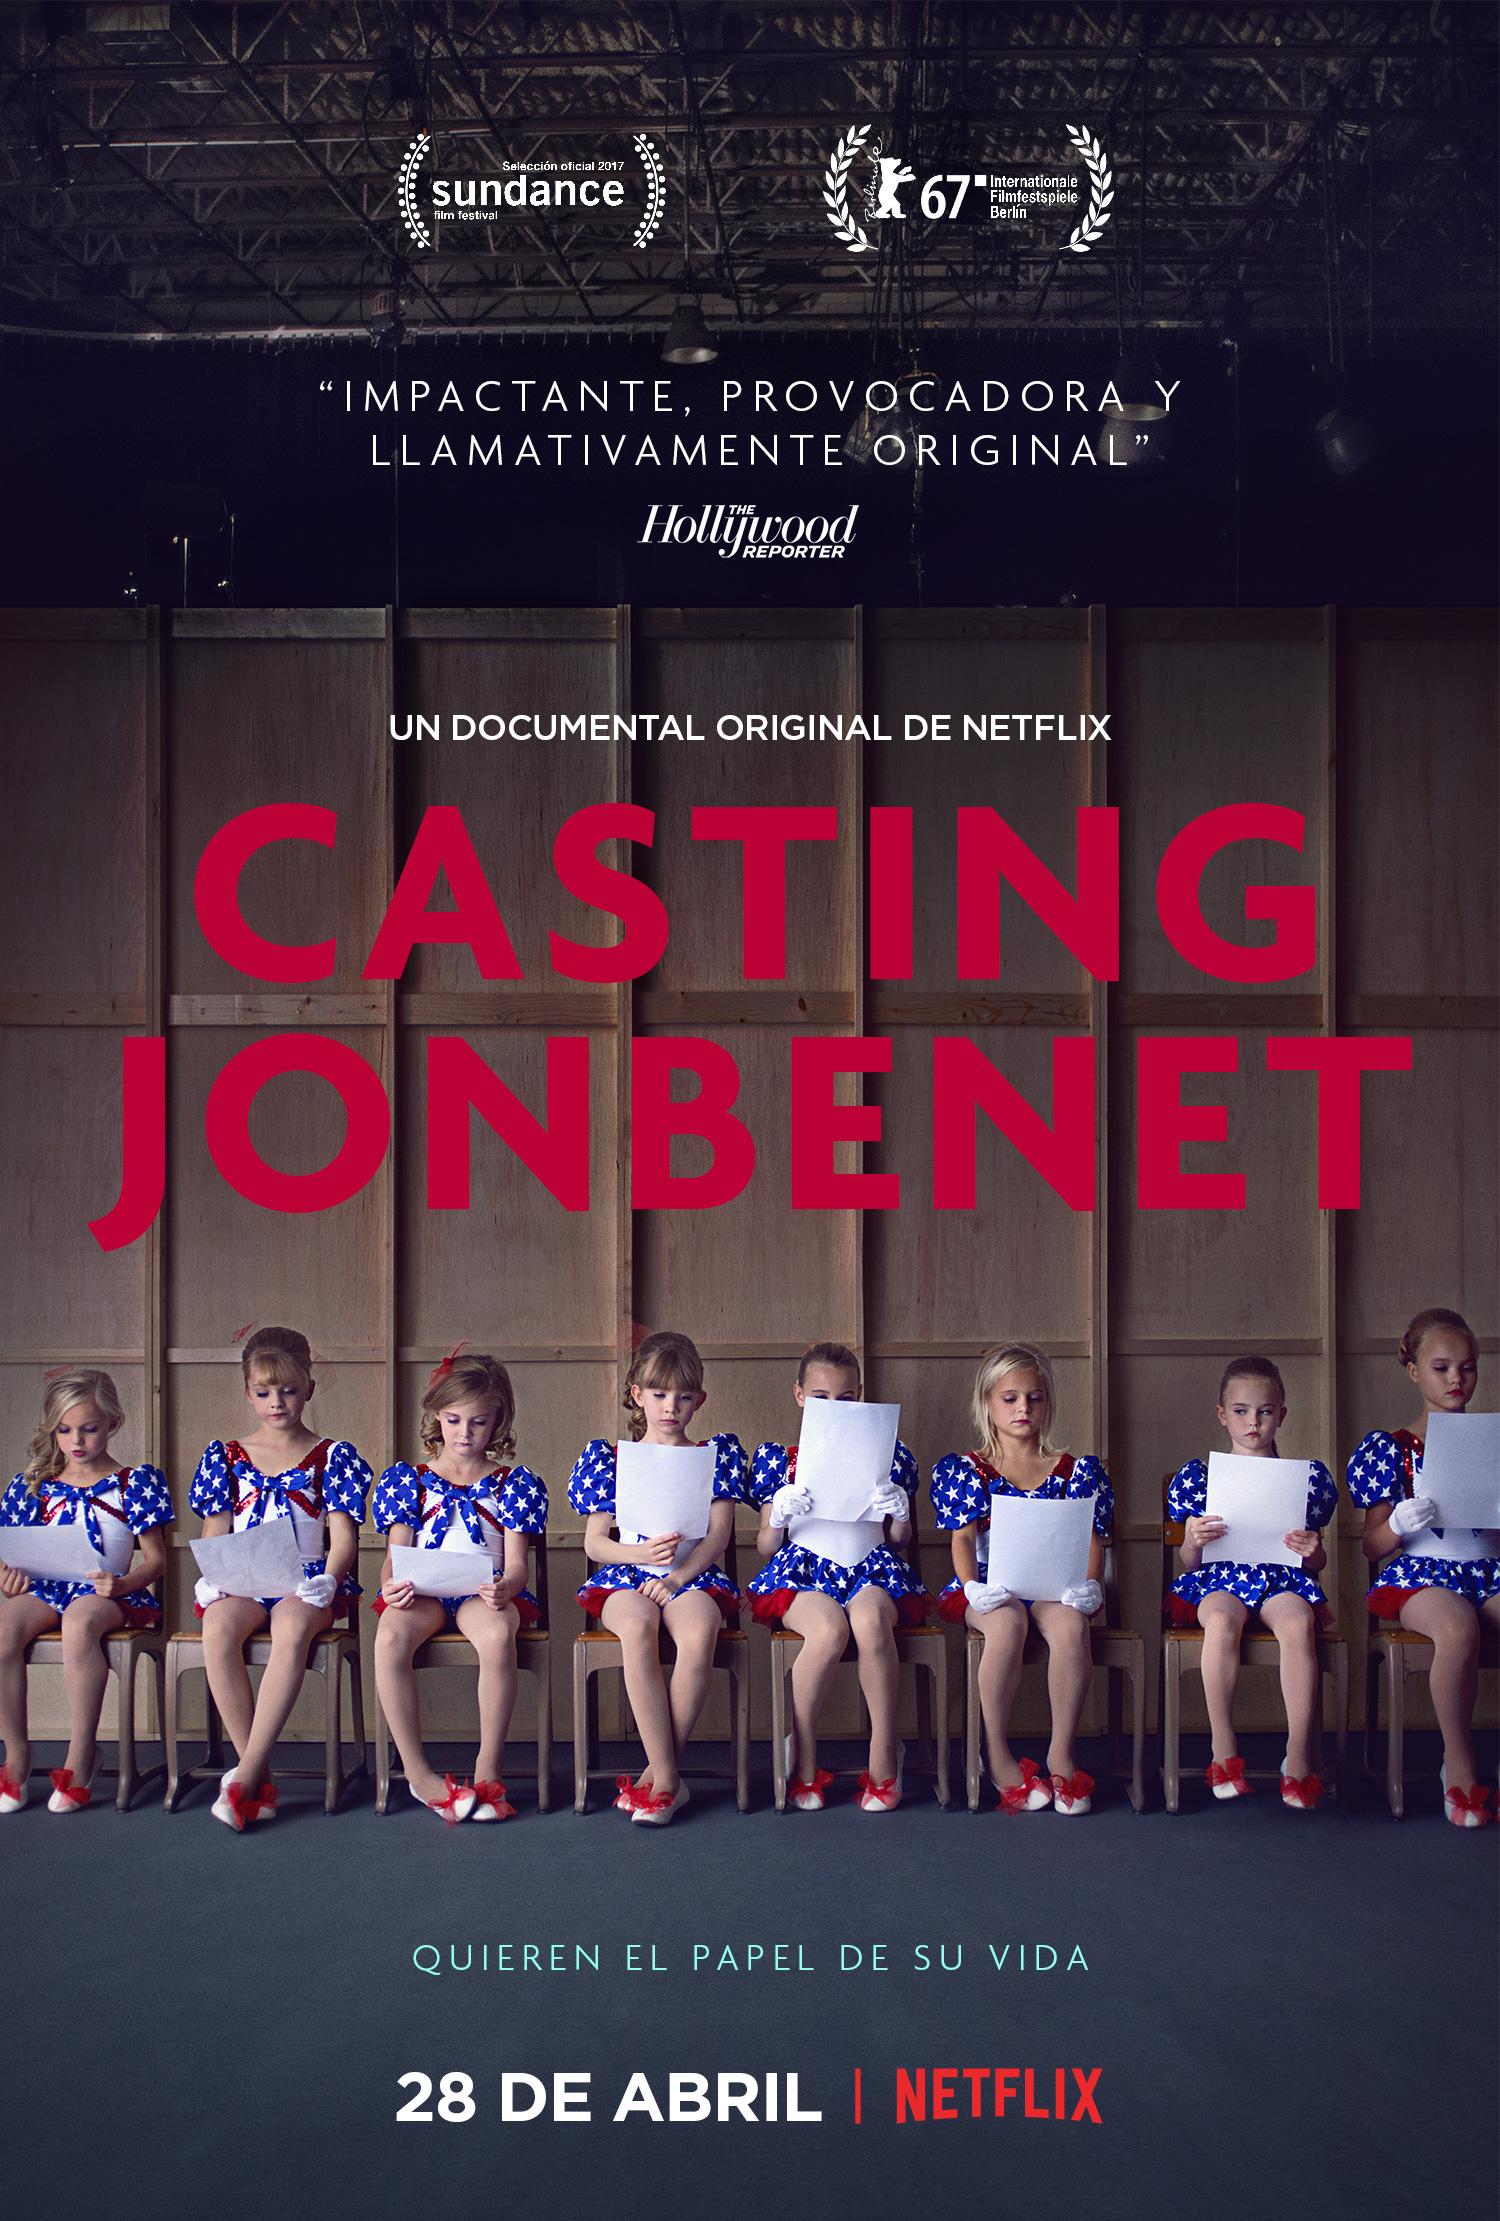 Casting-JonBenet_Póster.jpg